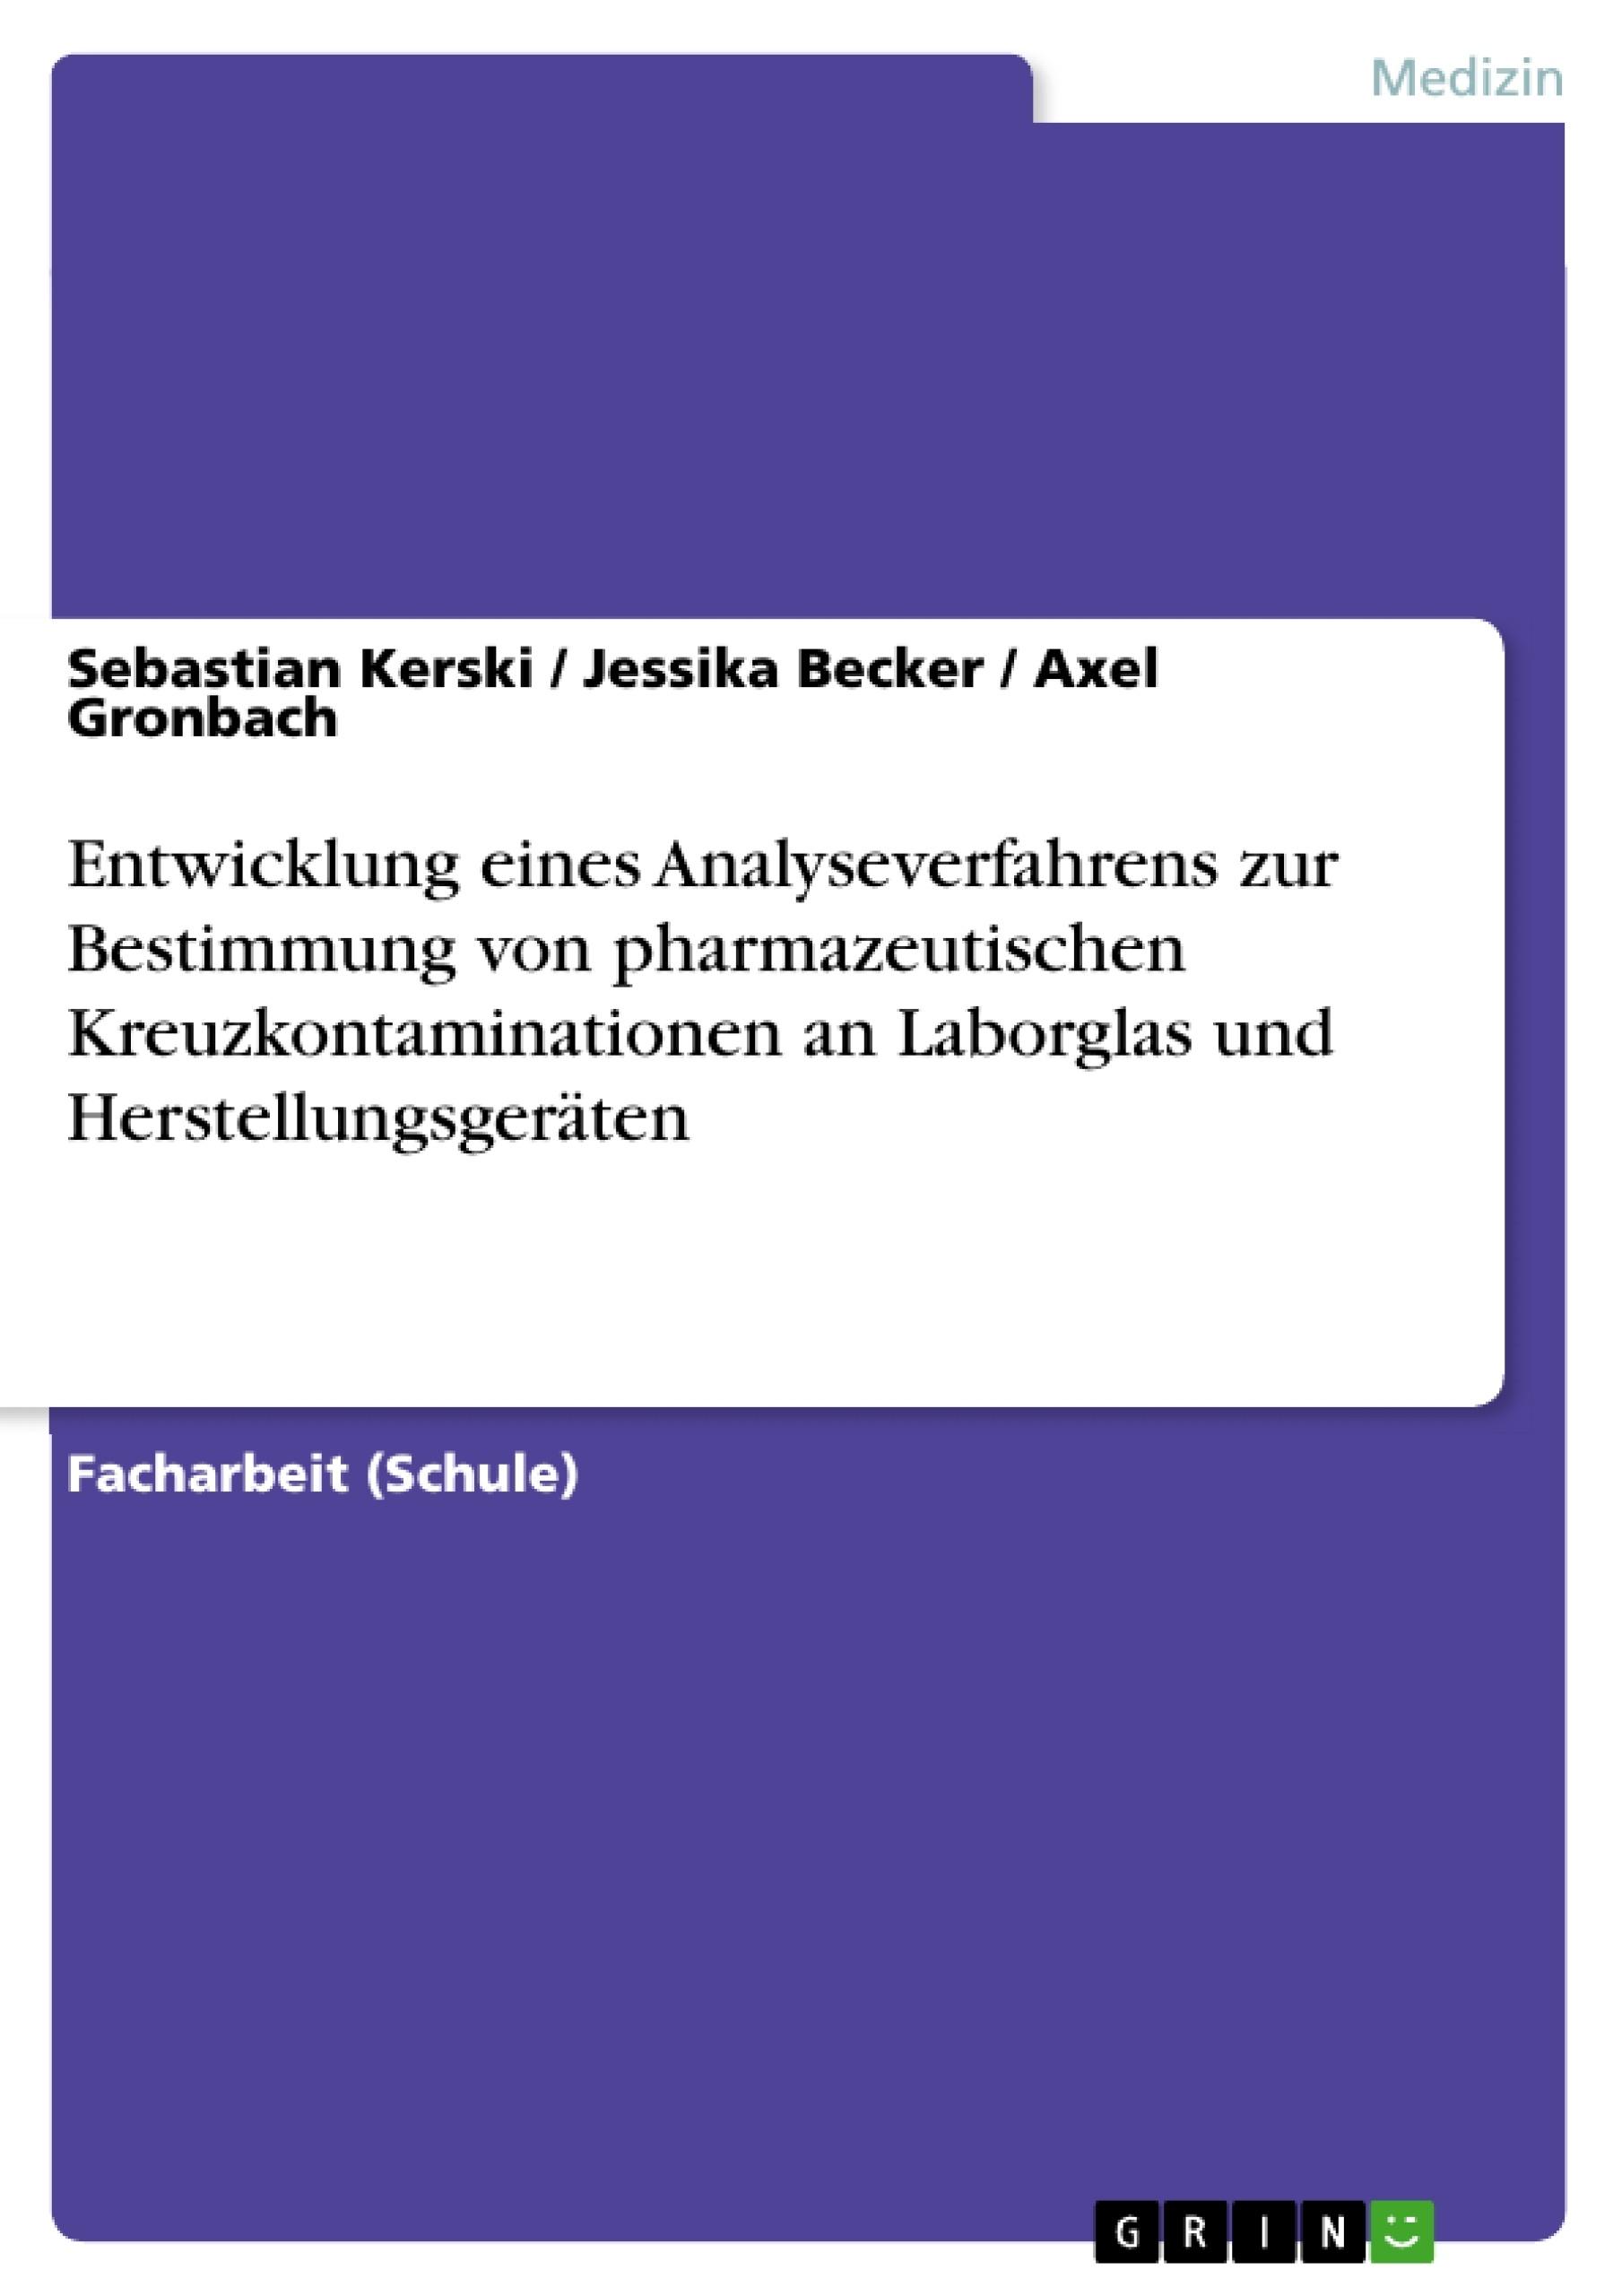 Titel: Entwicklung eines Analyseverfahrens zur Bestimmung von pharmazeutischen Kreuzkontaminationen an Laborglas und Herstellungsgeräten